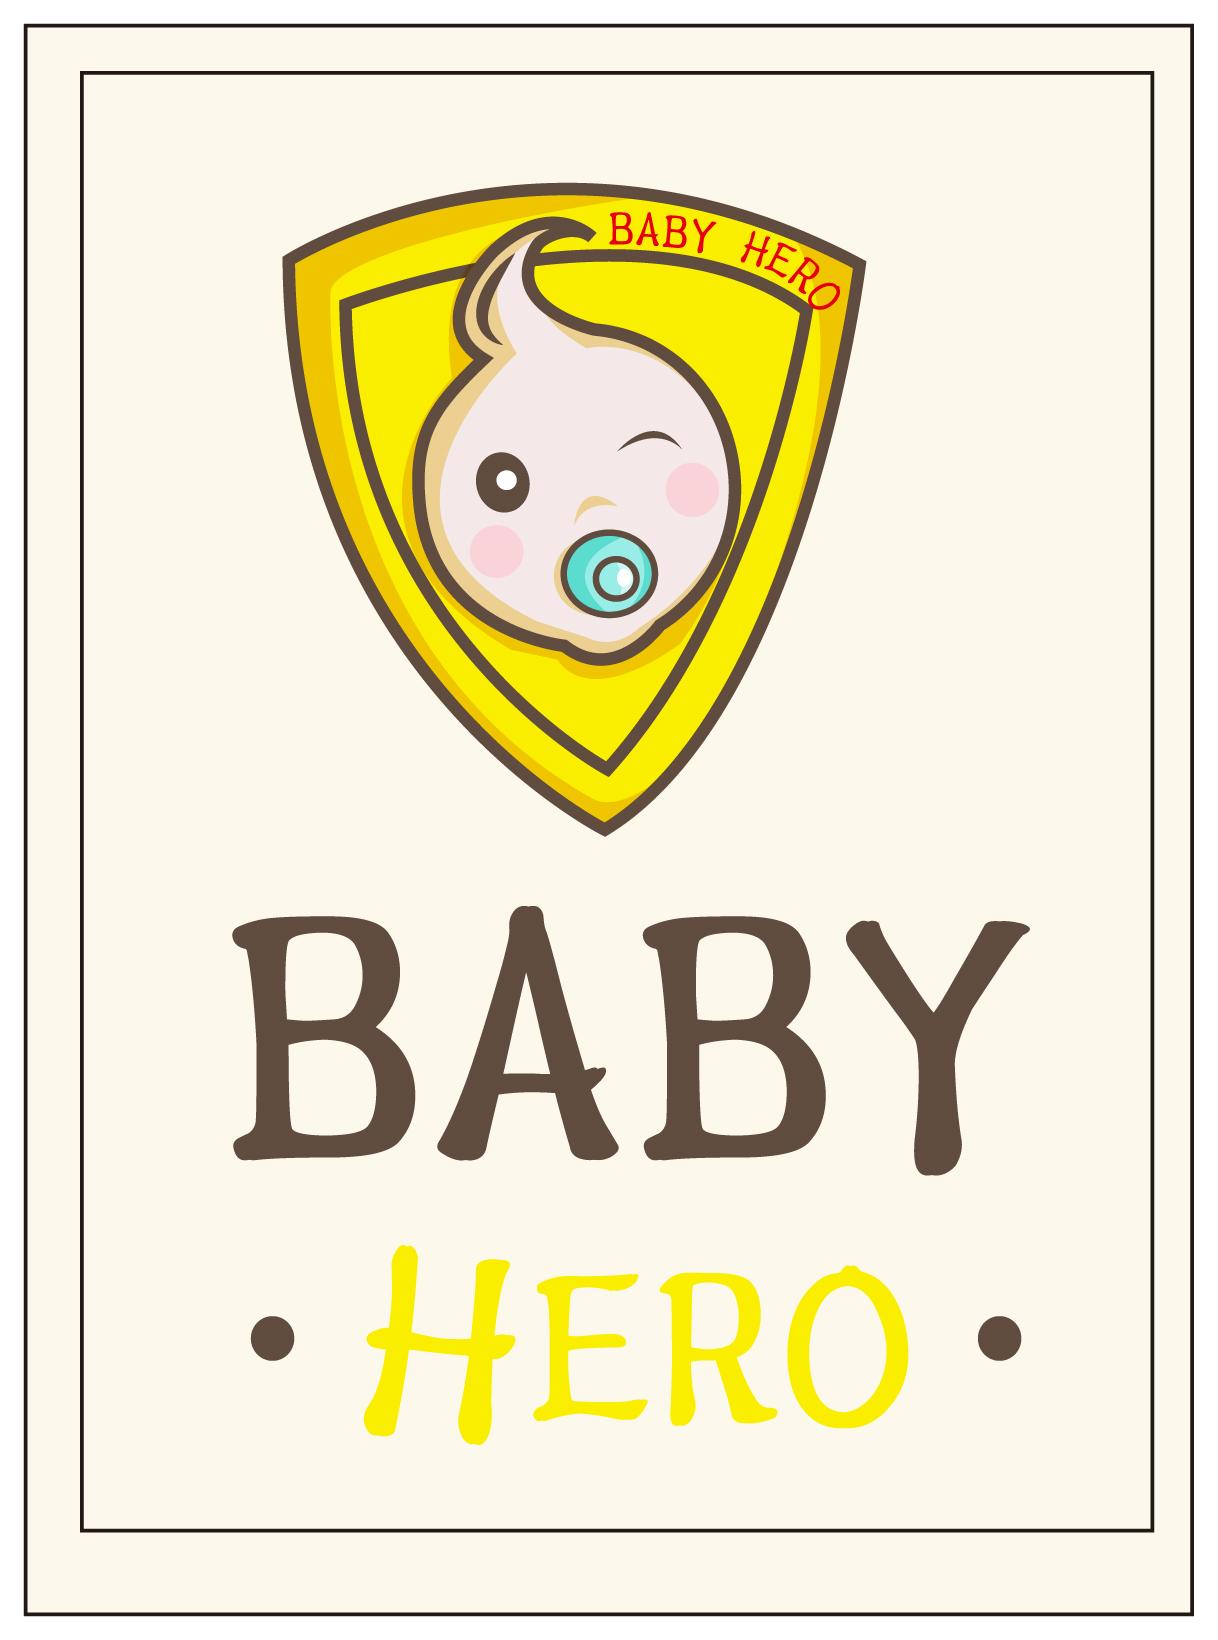 勾勒一个吸着奶嘴的宝宝,微笑的脸,俏皮的头发,让孩子看上去健康可爱